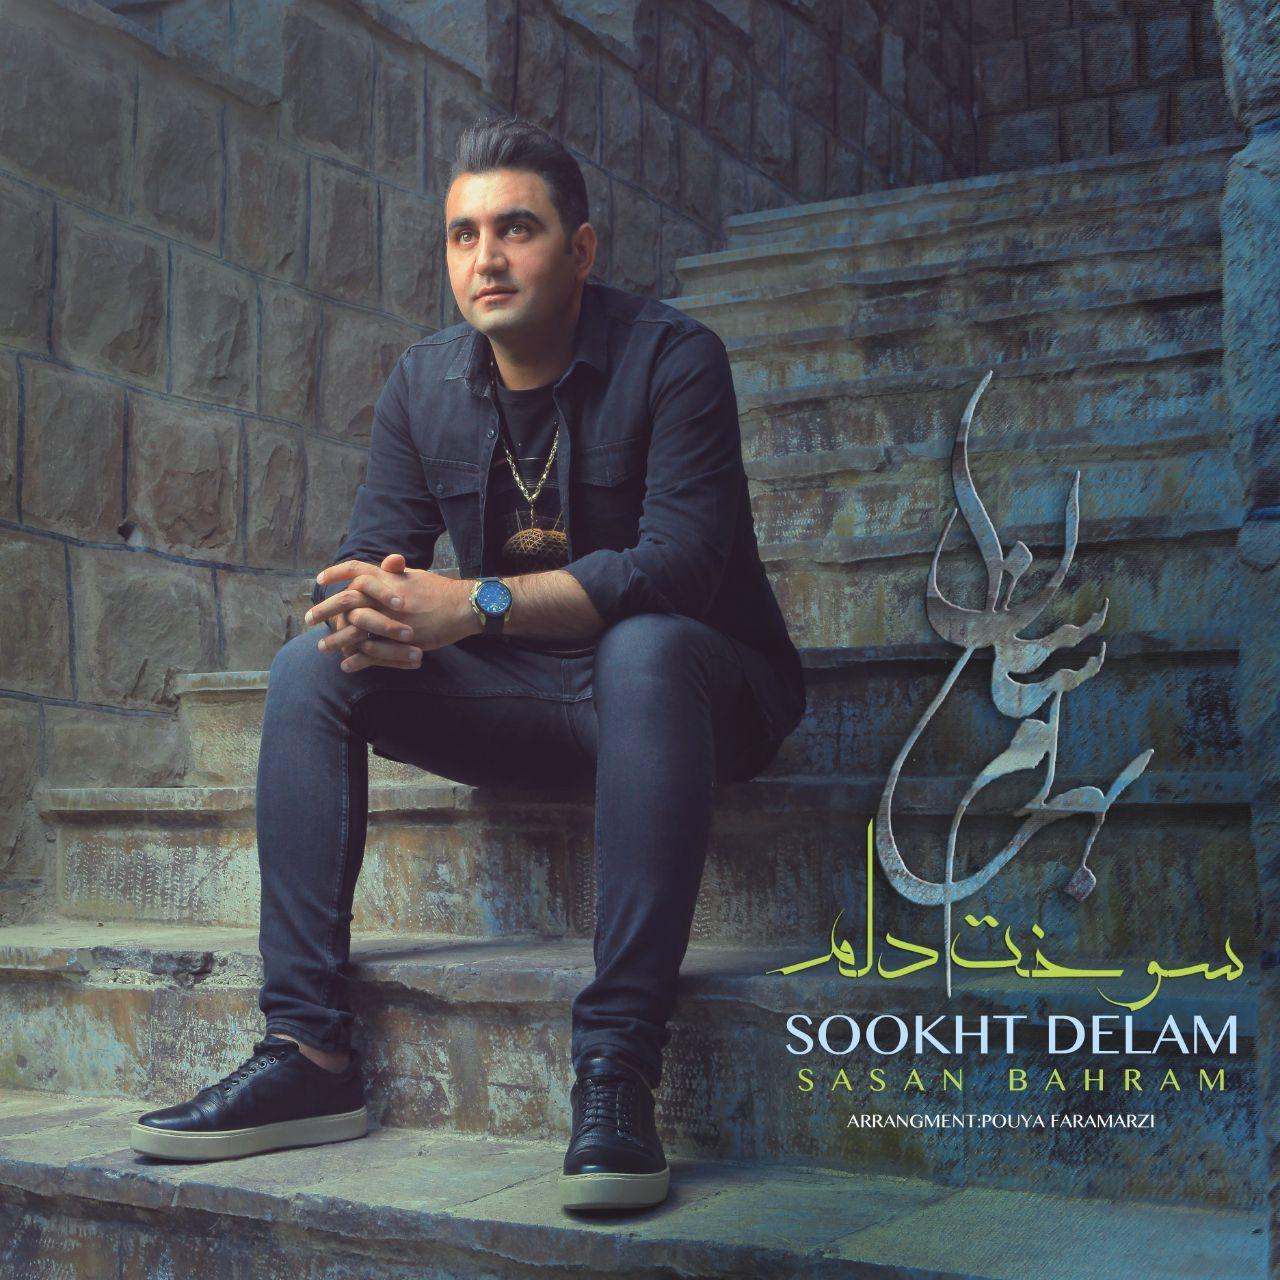 Sasan Bahram – Sookht Delam